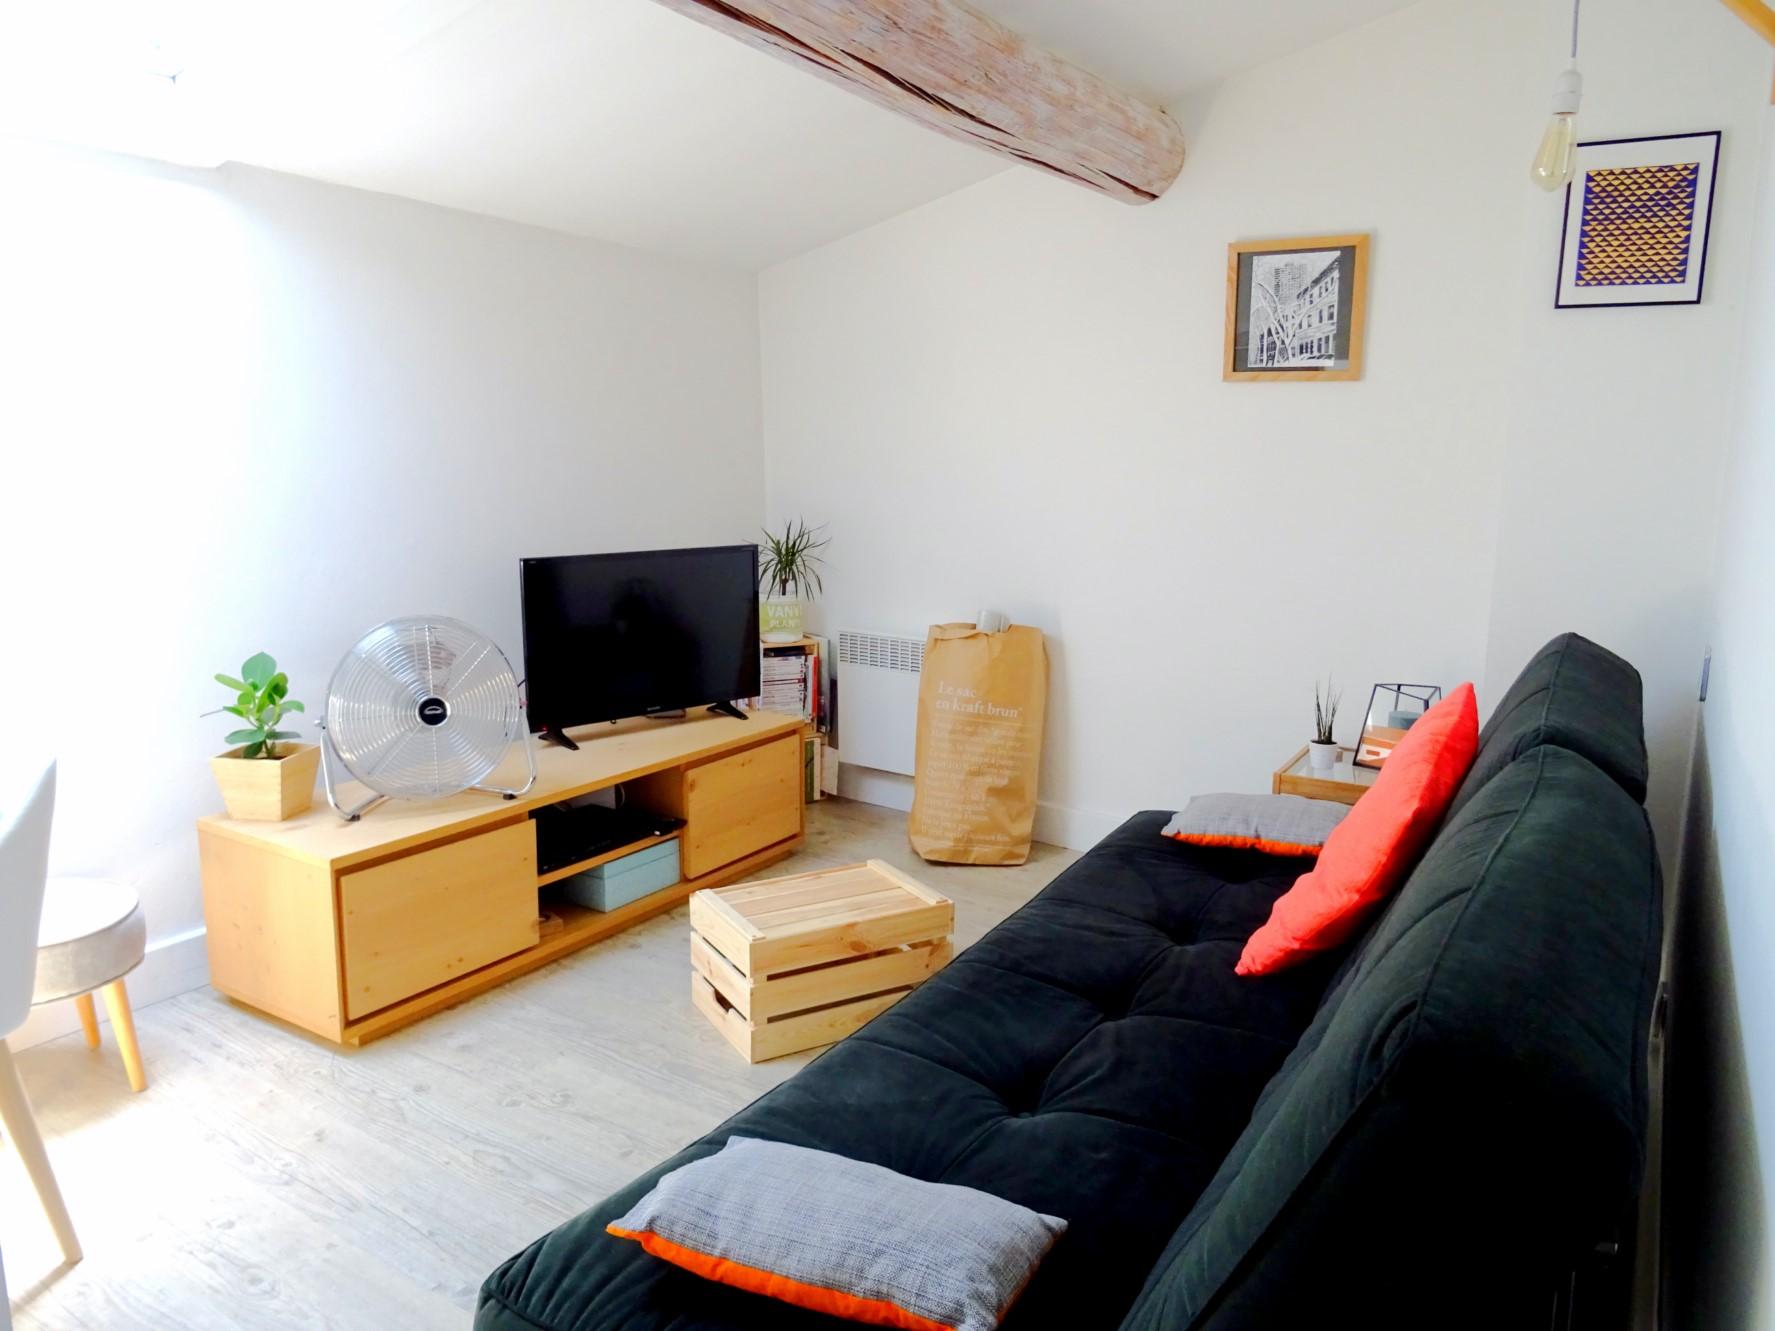 Duplex meublé avec terrasse à vendre au cœur de l'Isle sur la Sorgue